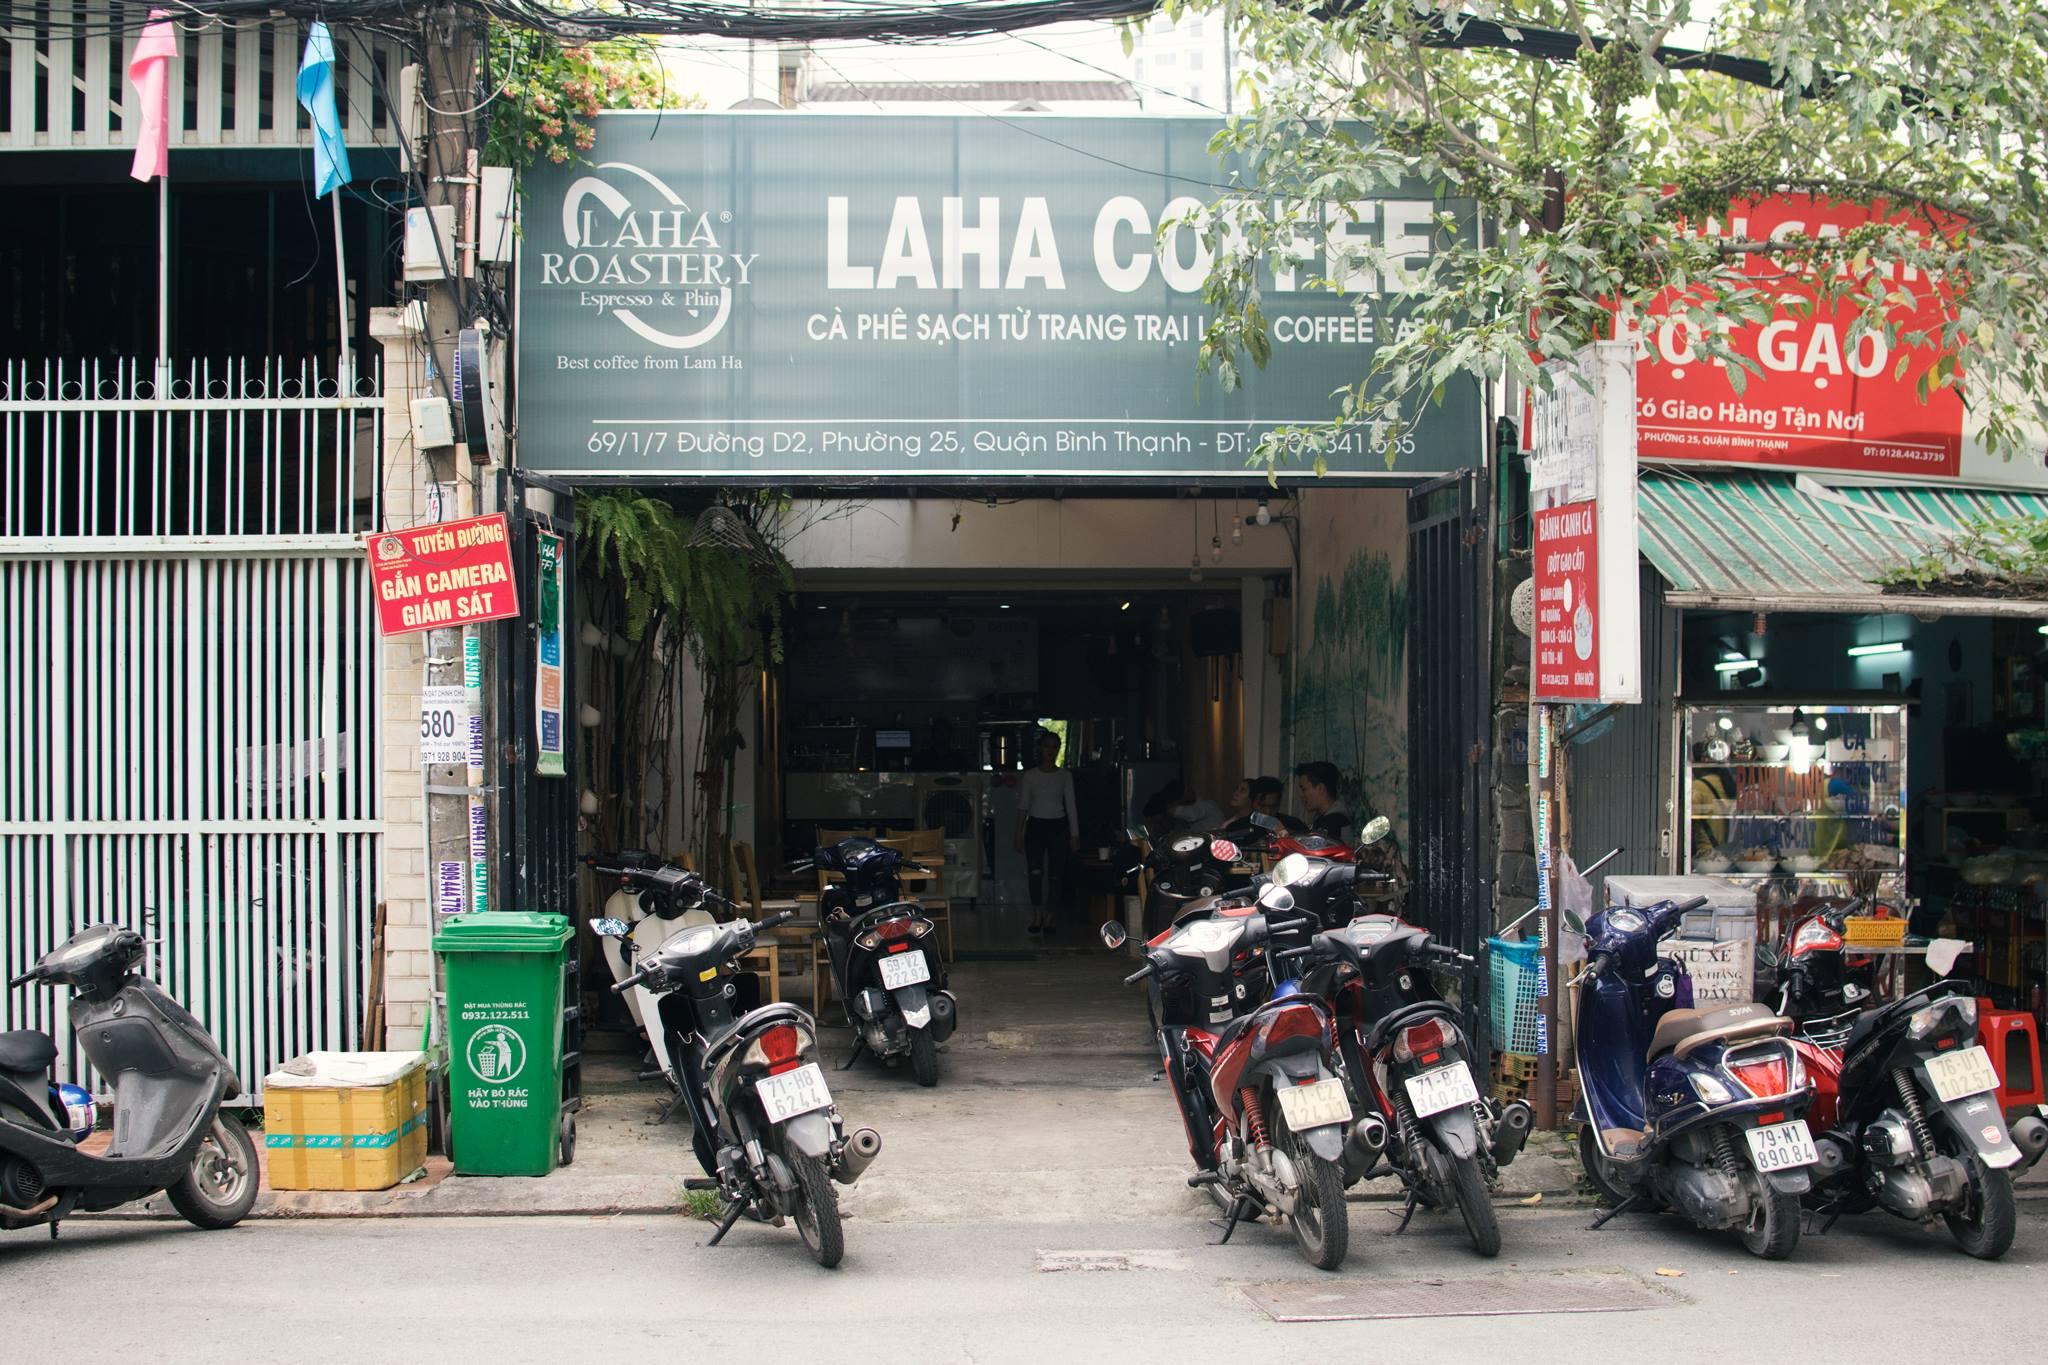 Laha Cafe những ngày đầu khi được khách quen nhờ setup quán